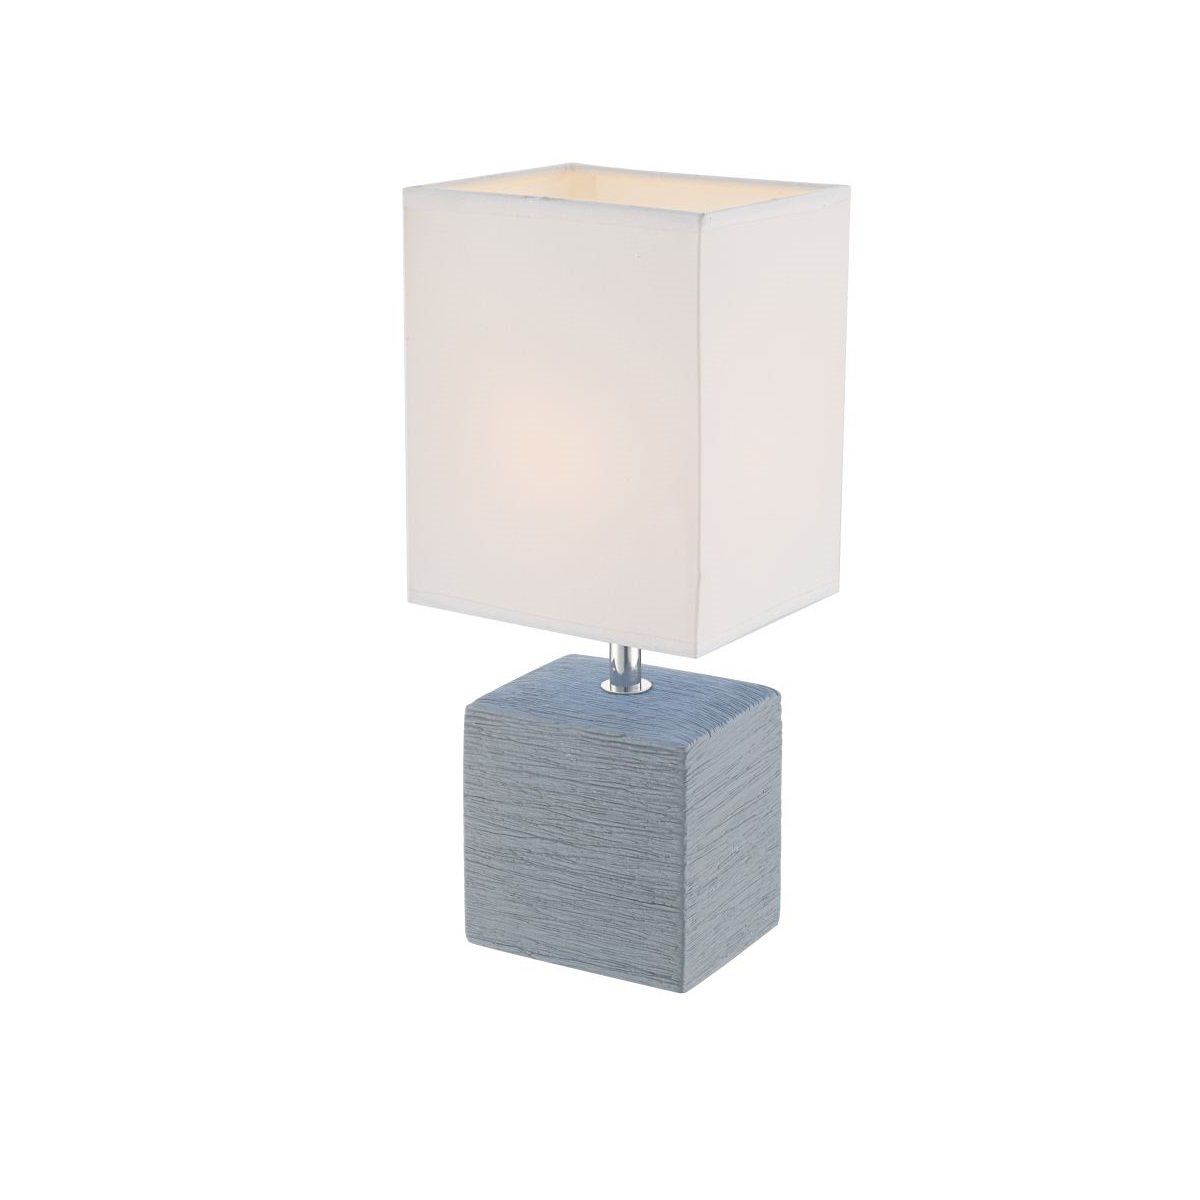 Настольная лампаДекоративные лампы<br>&amp;lt;div&amp;gt;Вид цоколя: E14&amp;lt;/div&amp;gt;&amp;lt;div&amp;gt;Мощность: 40W&amp;lt;/div&amp;gt;&amp;lt;div&amp;gt;Количество ламп: 1&amp;lt;/div&amp;gt;<br><br>Material: Керамика<br>Ширина см: 13<br>Высота см: 29<br>Глубина см: 11